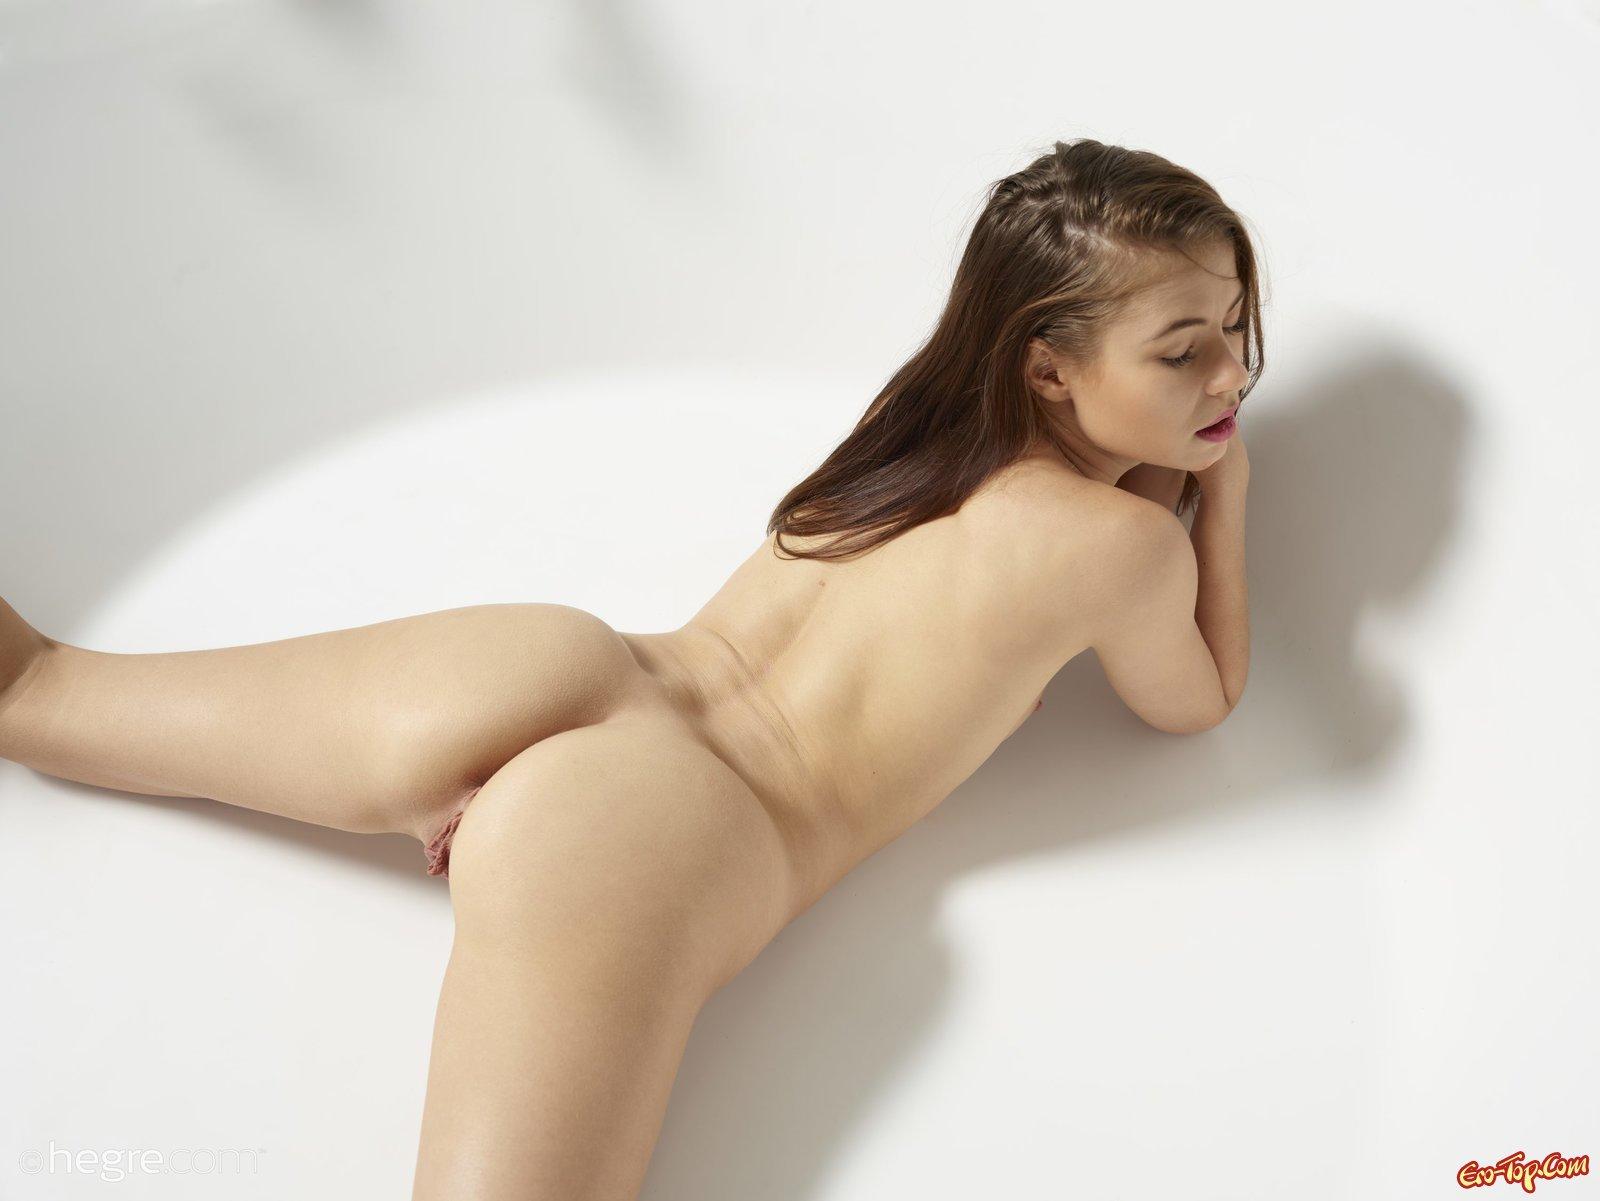 Голая деваха с горячей попкой под струями воды